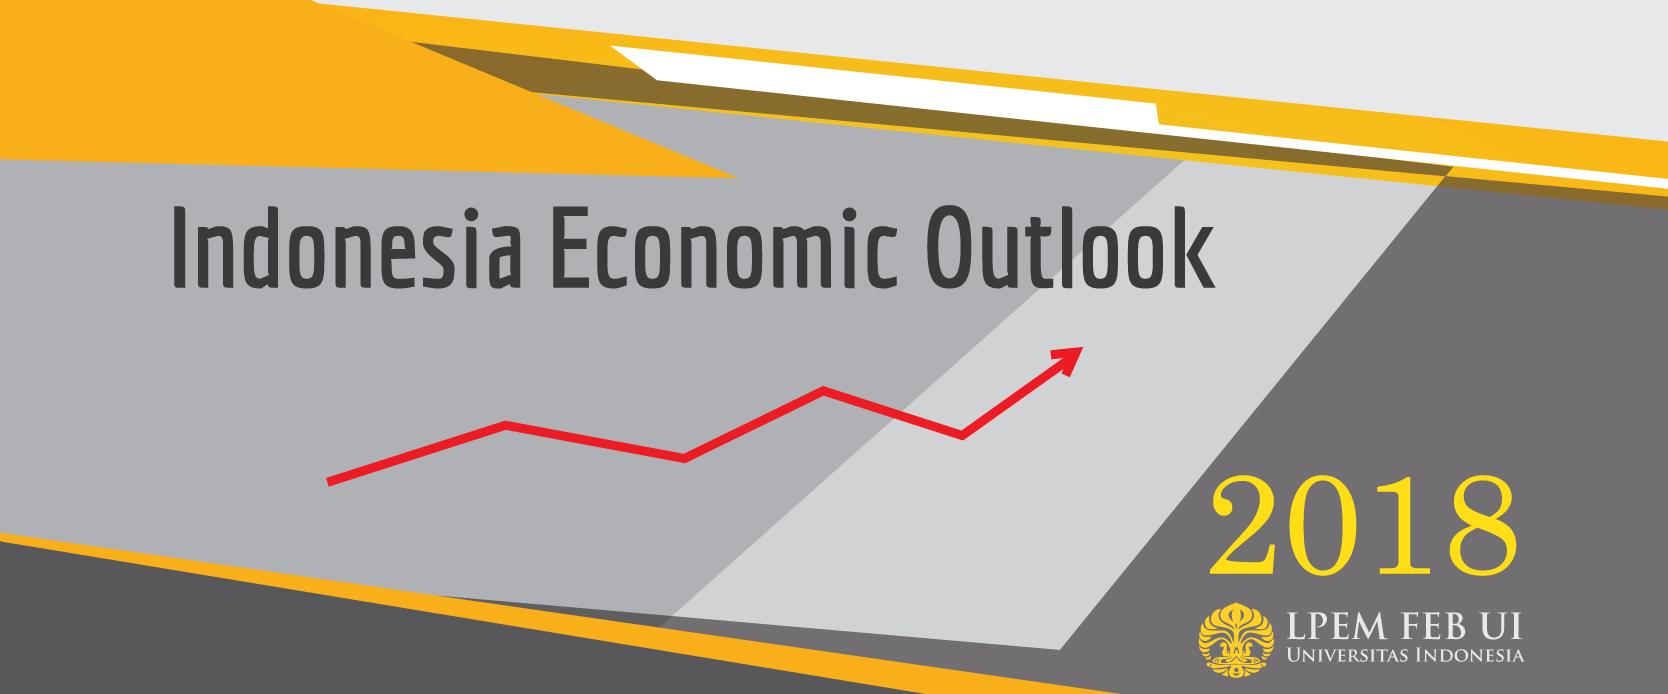 Indonesia Economic Outlook 2018.